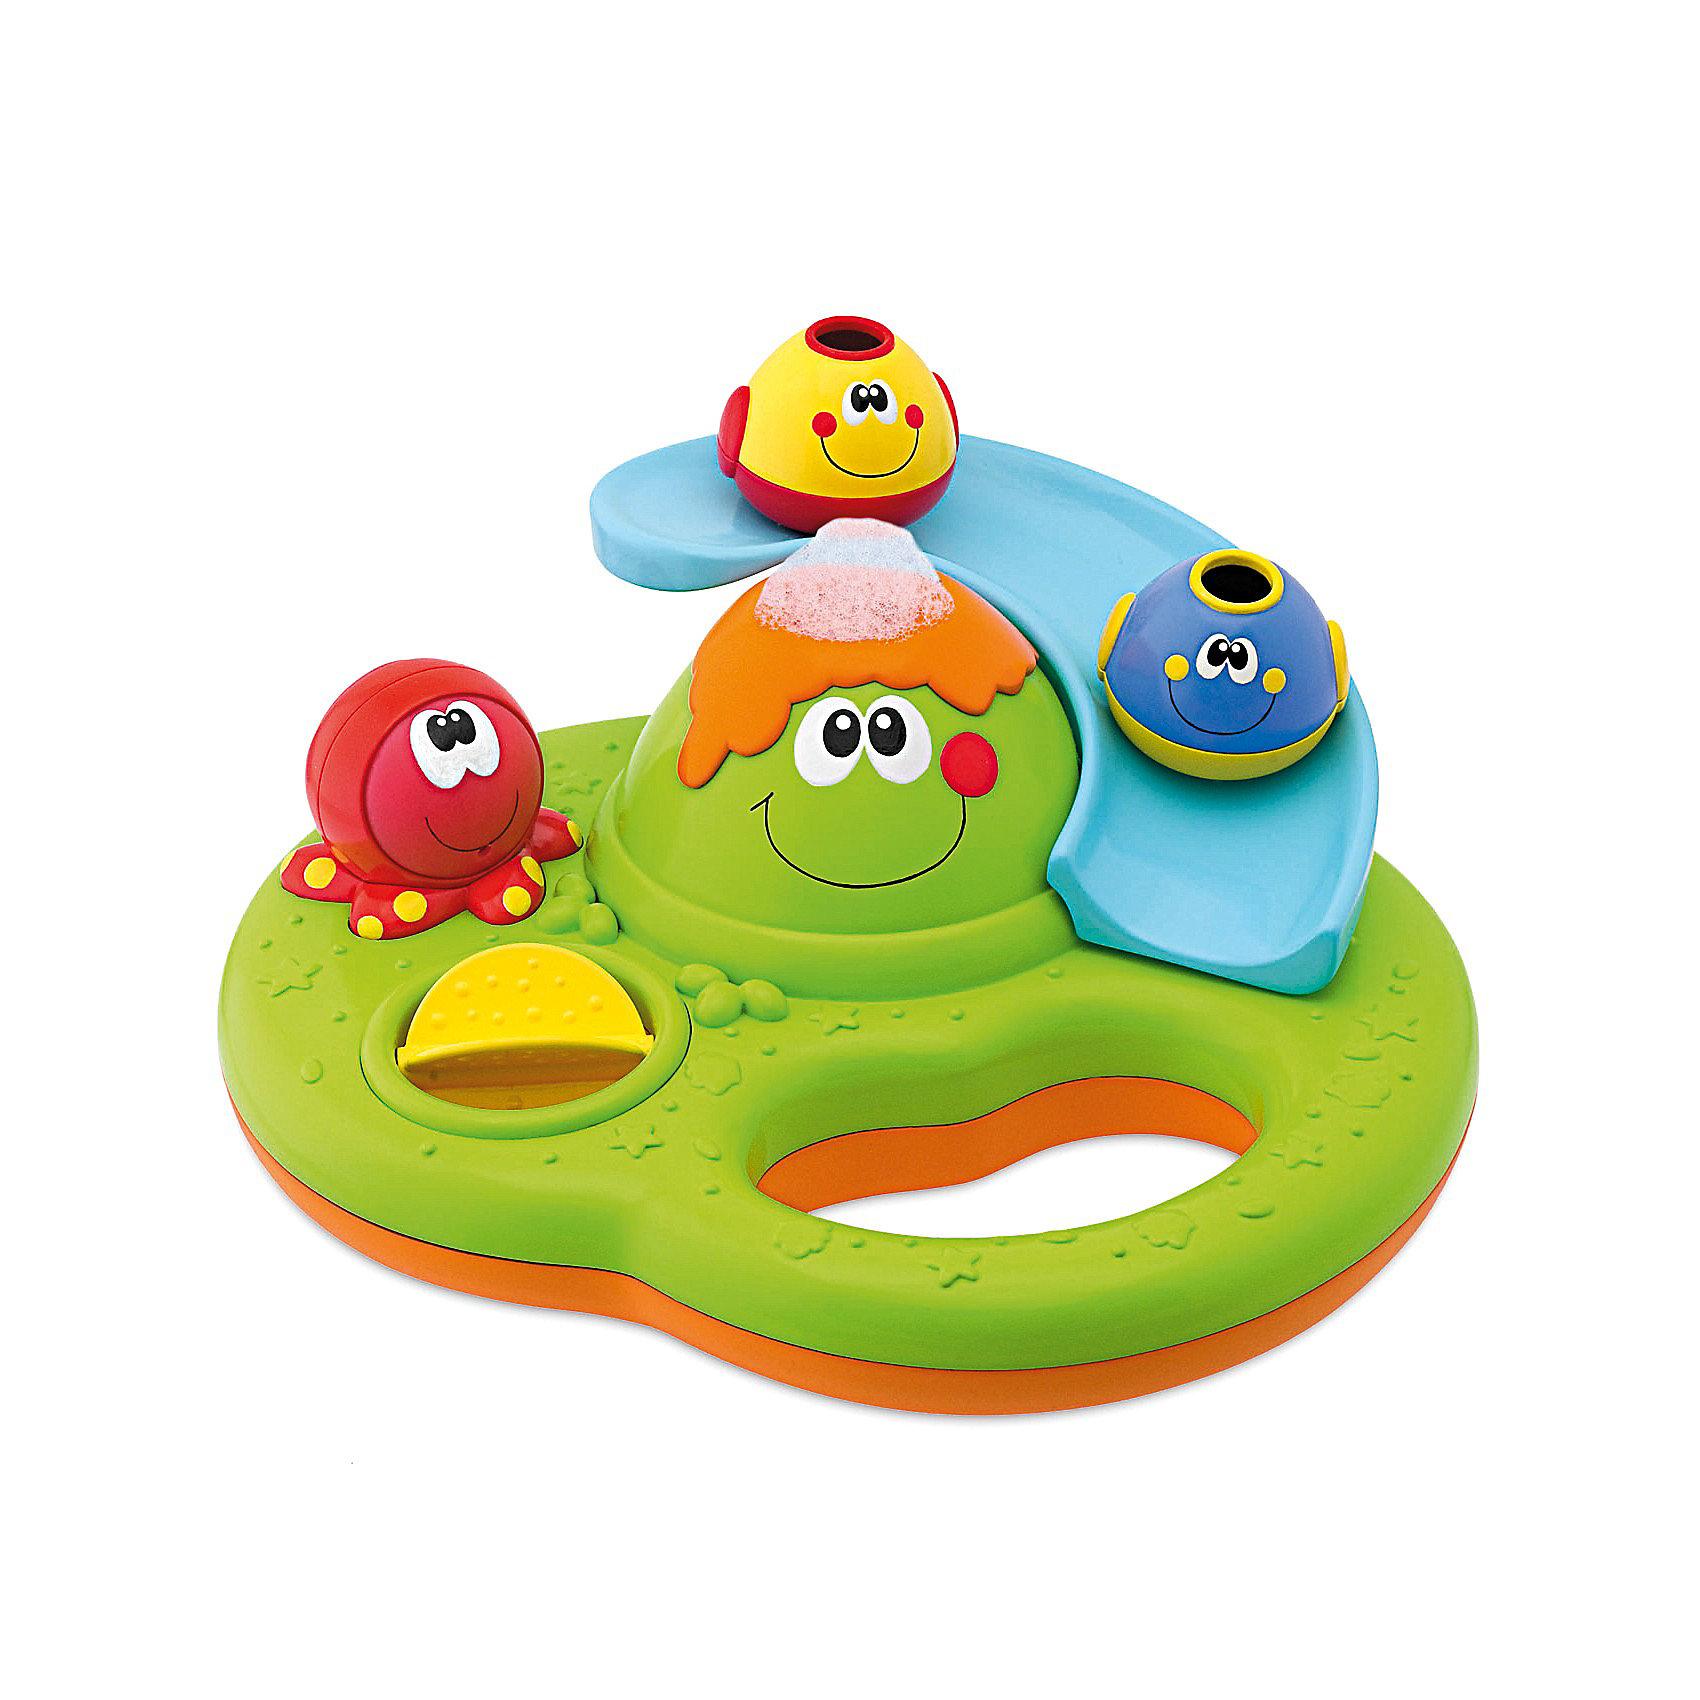 CHICCO Игрушка для ванной Остров пузырьков, Chicco игрушка музыкальная chicco утёнок 6995 3